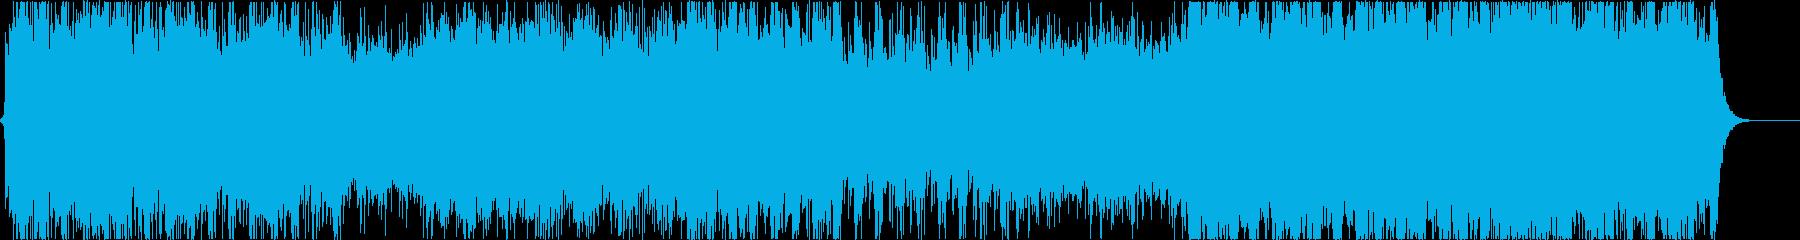 壮大なクワイアのファンタジー曲の再生済みの波形